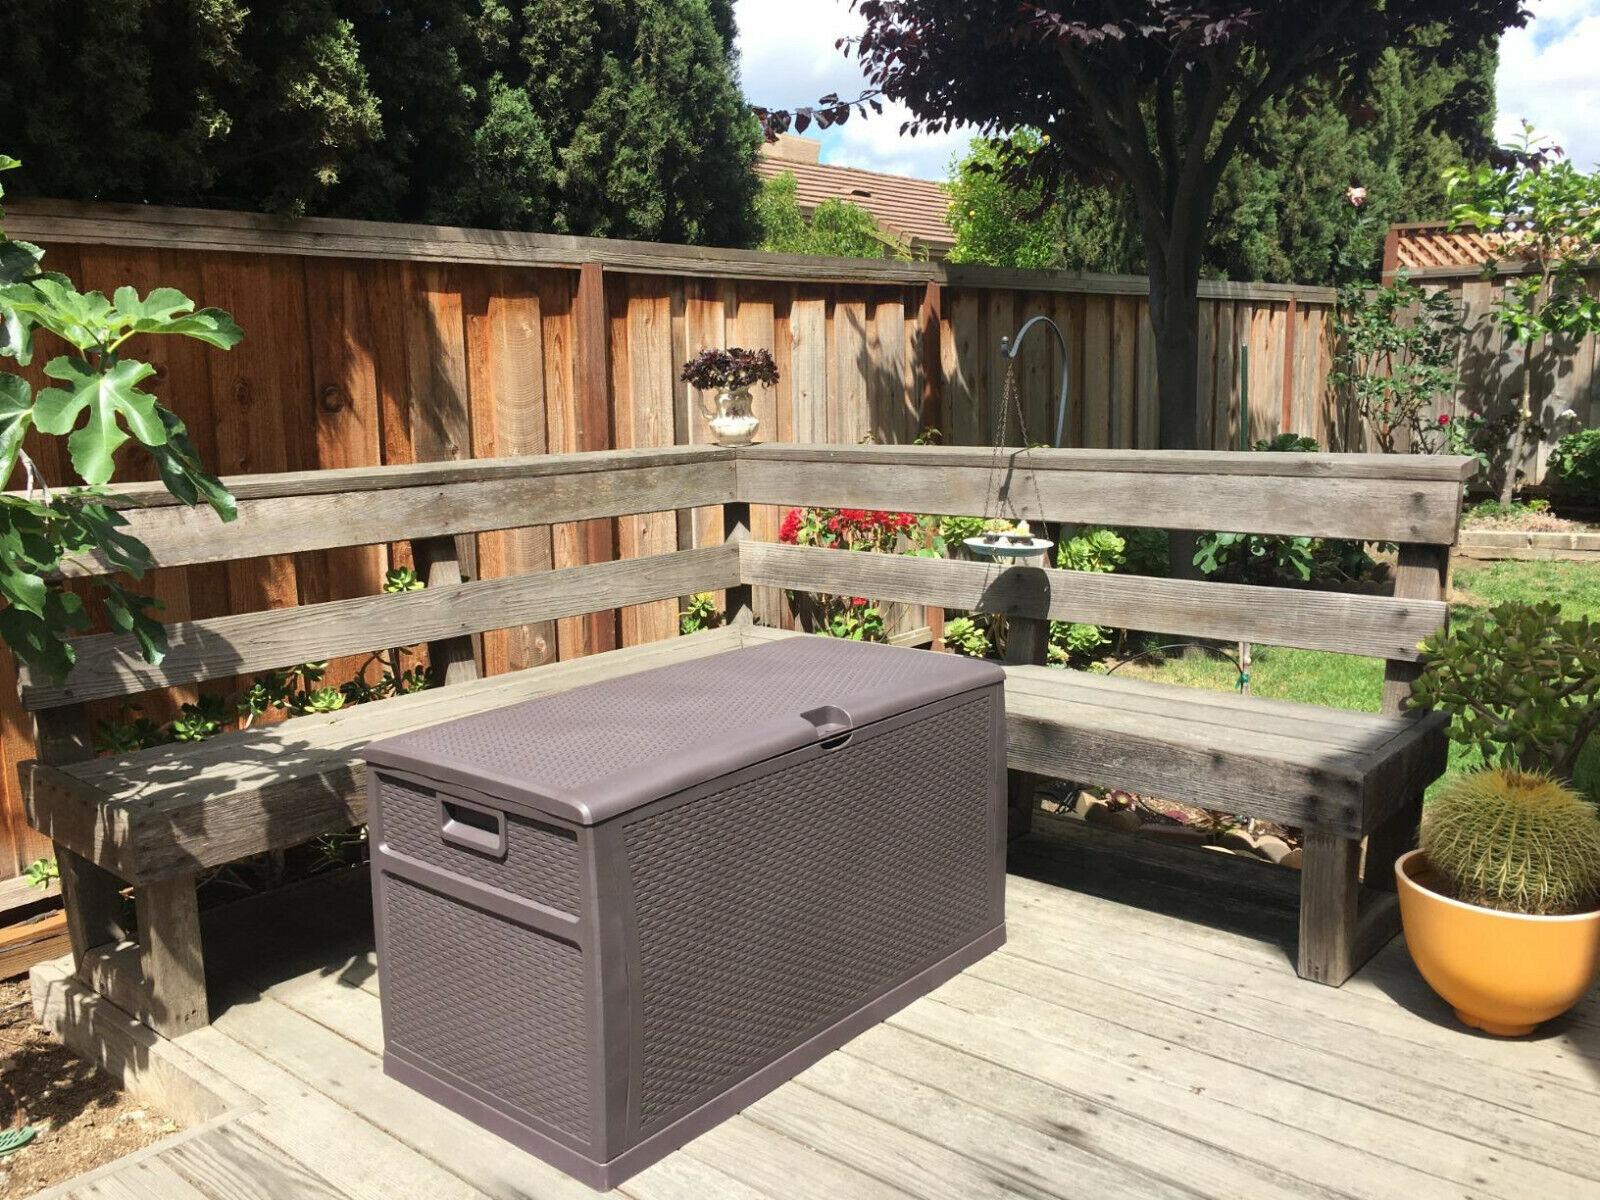 Brown Outdoor Storage Deck Box Chest Bin Garden 120-Gal Cont